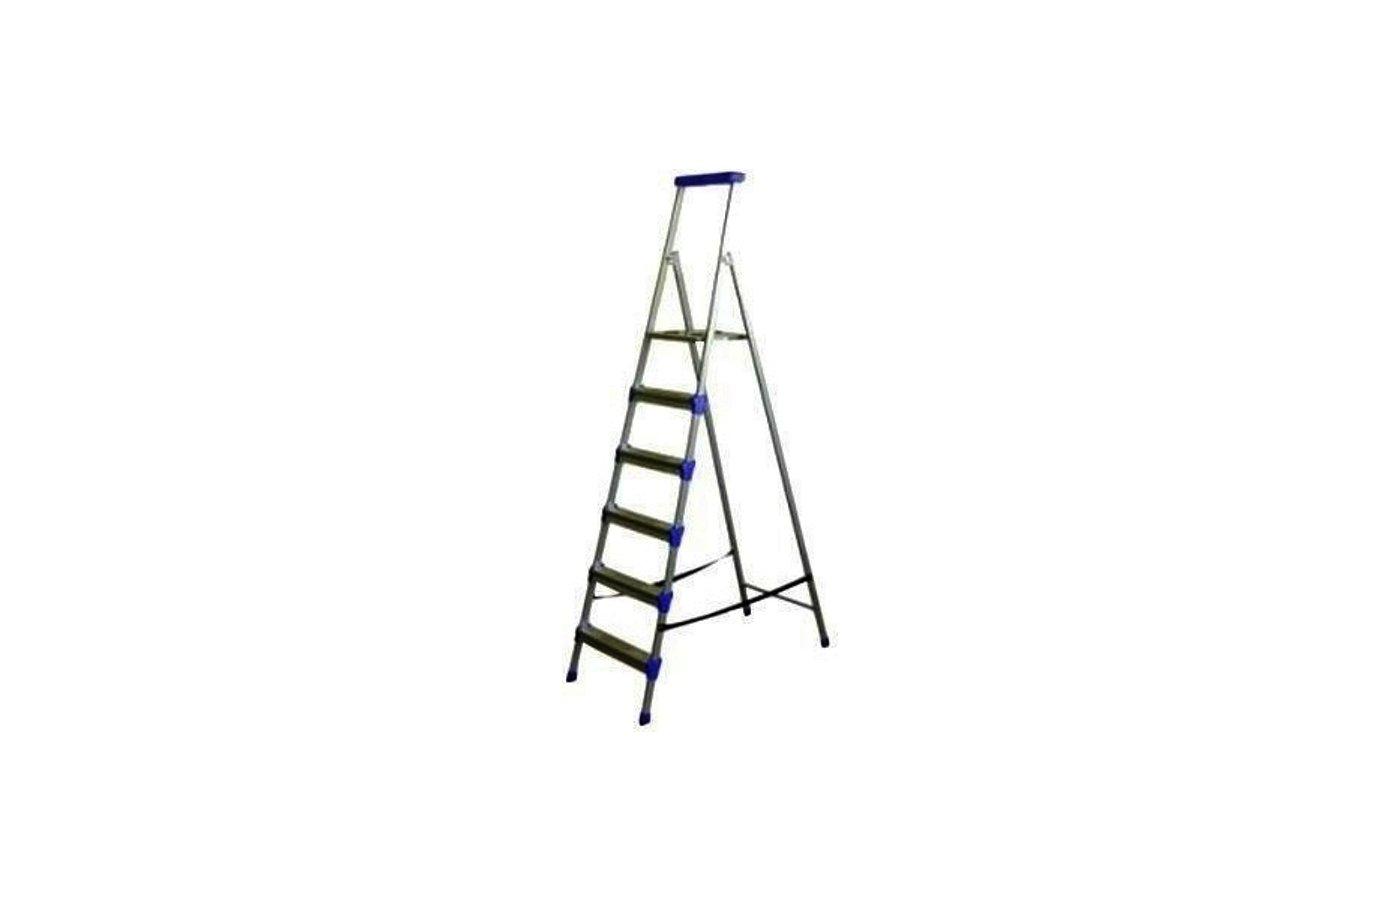 Лестница Лестница-стремянка НИКА СМ6 1865 см 150 кг 6 ступеней, метал